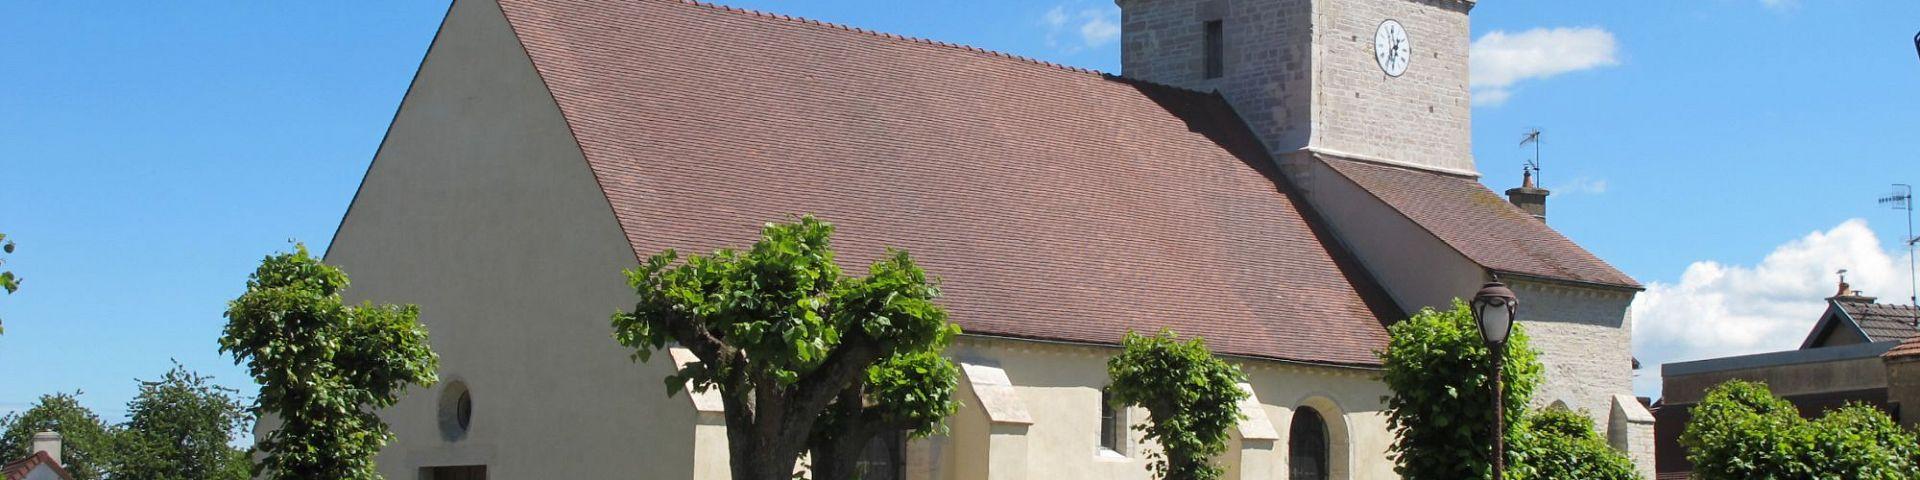 Fenay - Eglise Saint-Martin (21)